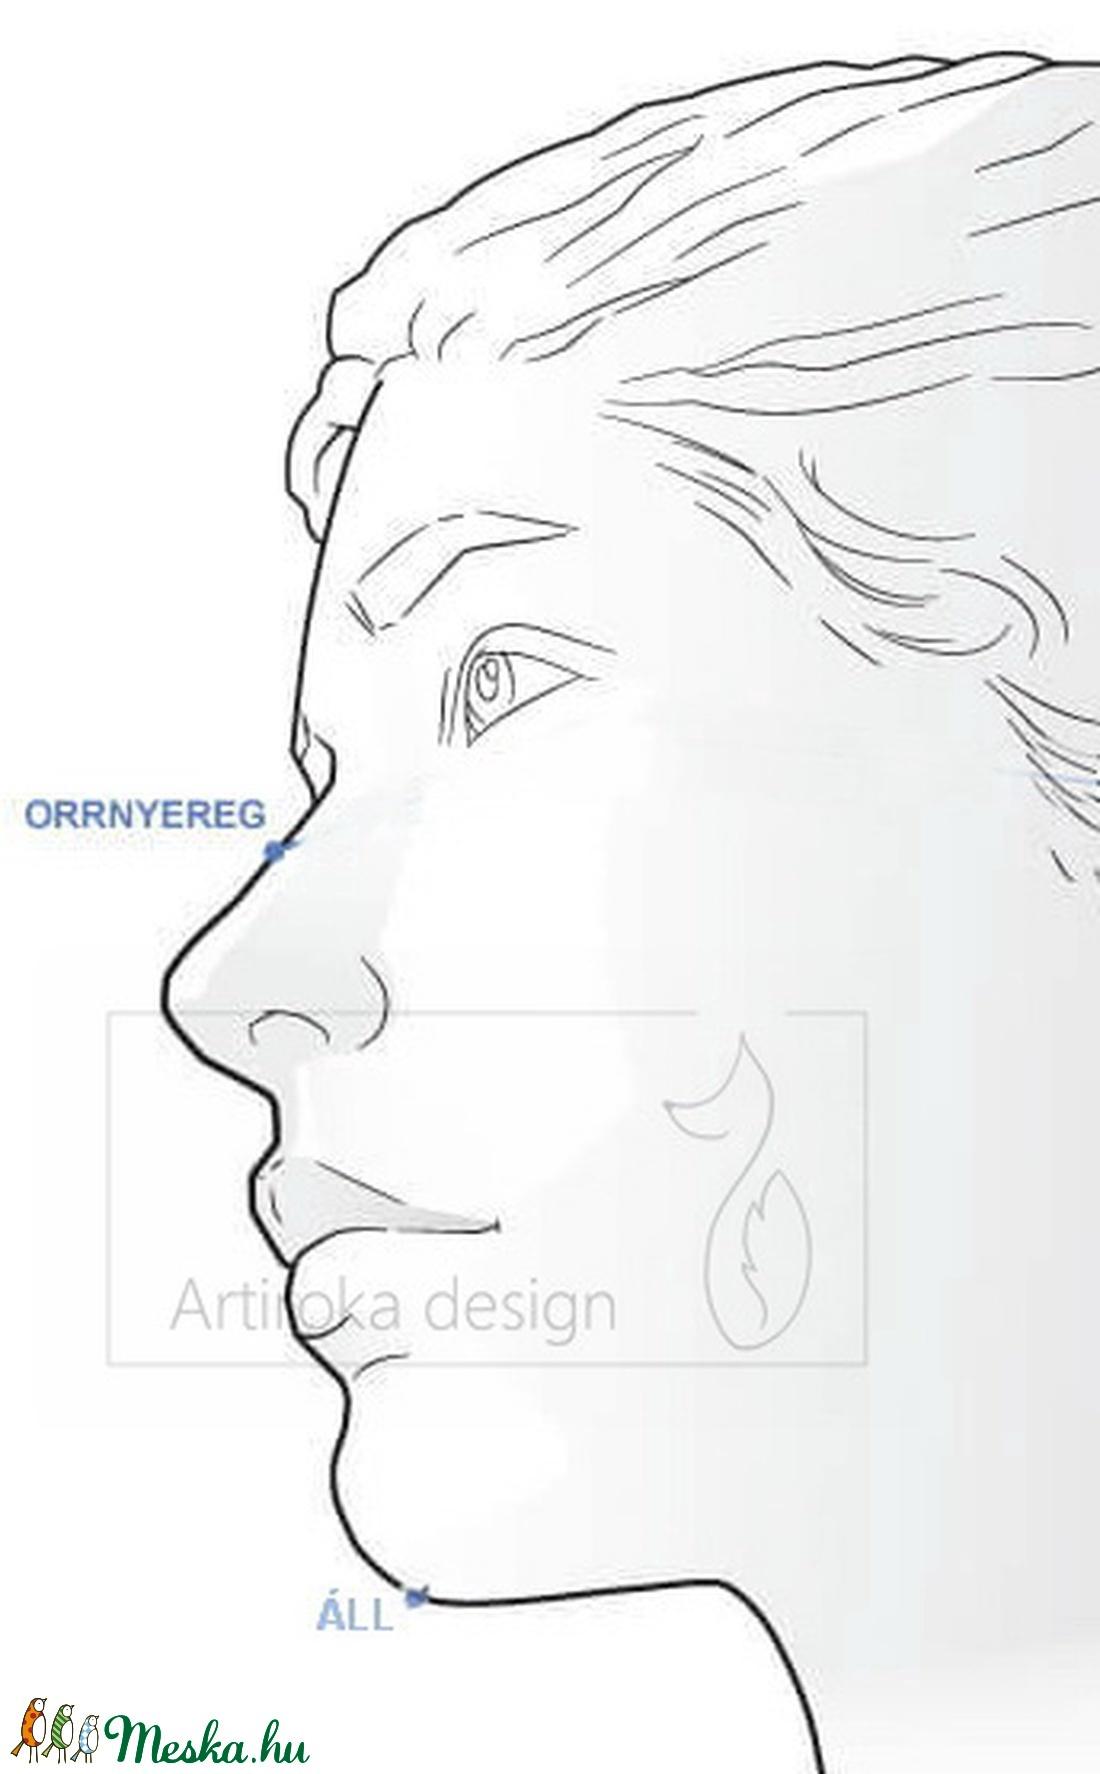 Nyuszi mintás prémium arcmaszk, szájmaszk, maszk - gyerek méret - XS méret-  Gyereknap - Artiroka design - maszk, arcmaszk - gyerek - Meska.hu